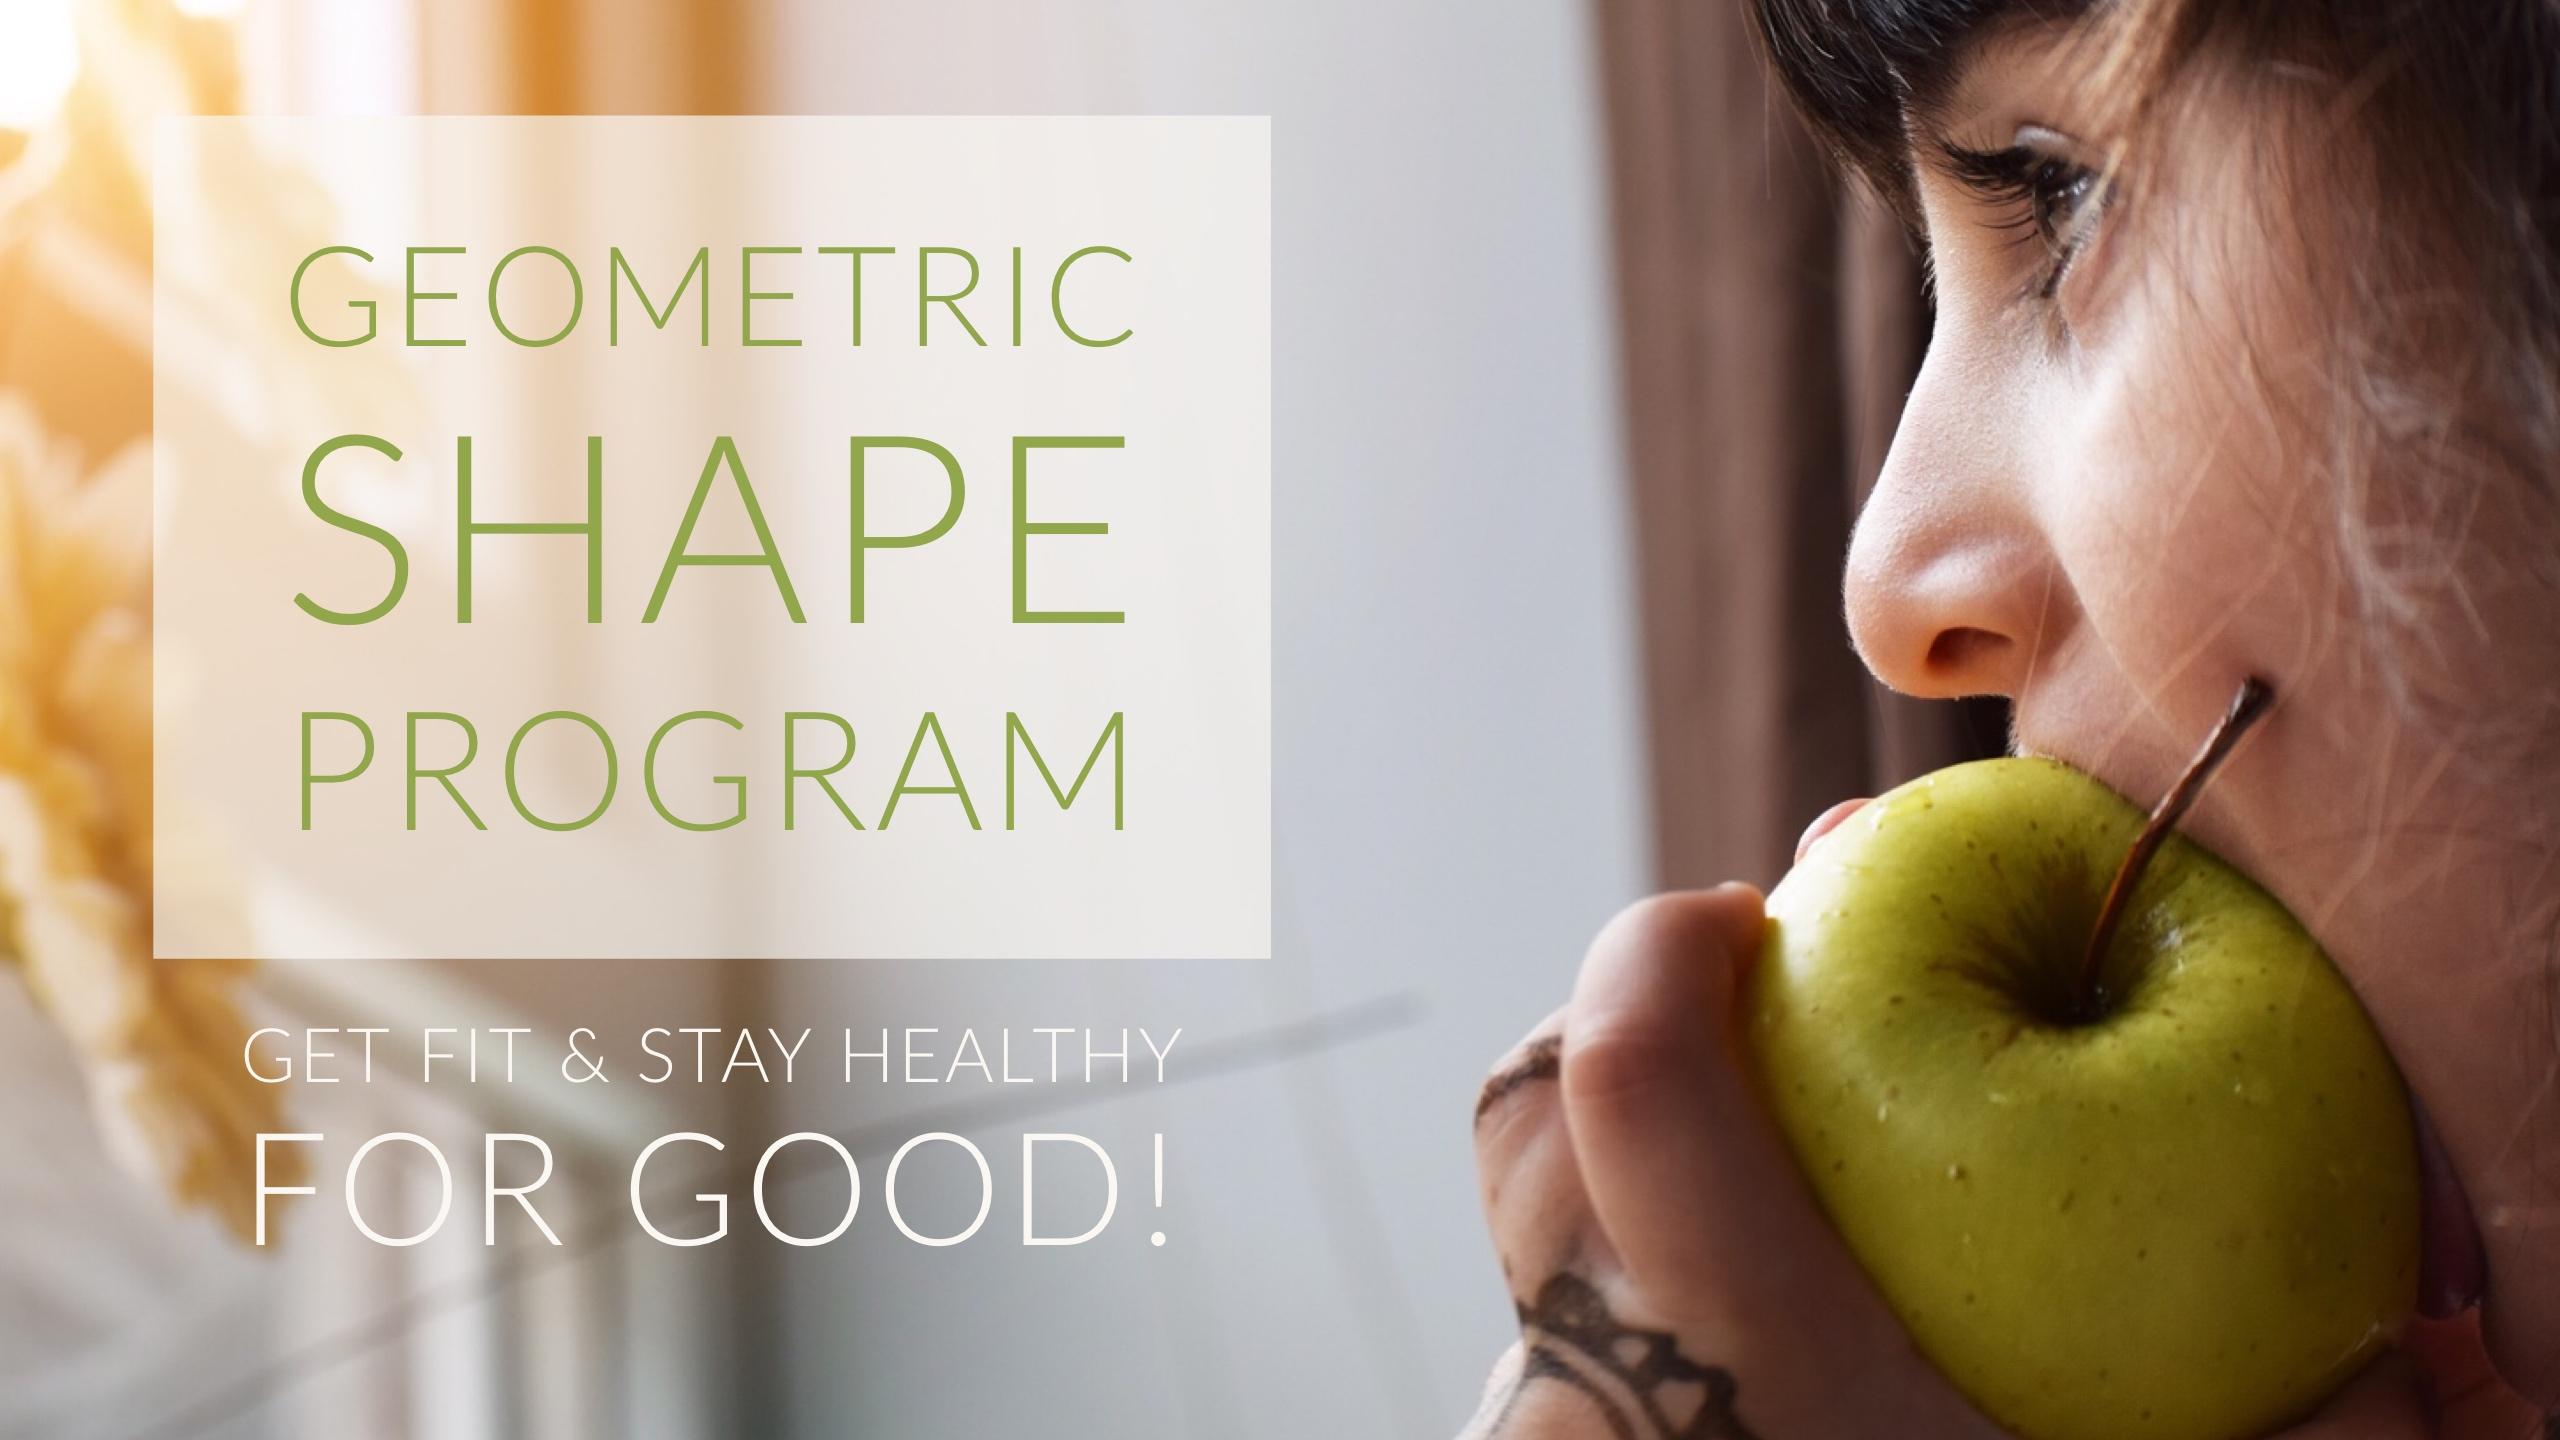 natural weight loss program, balanced weight loss program, effective weight loss program, doctor supervised weight loss,